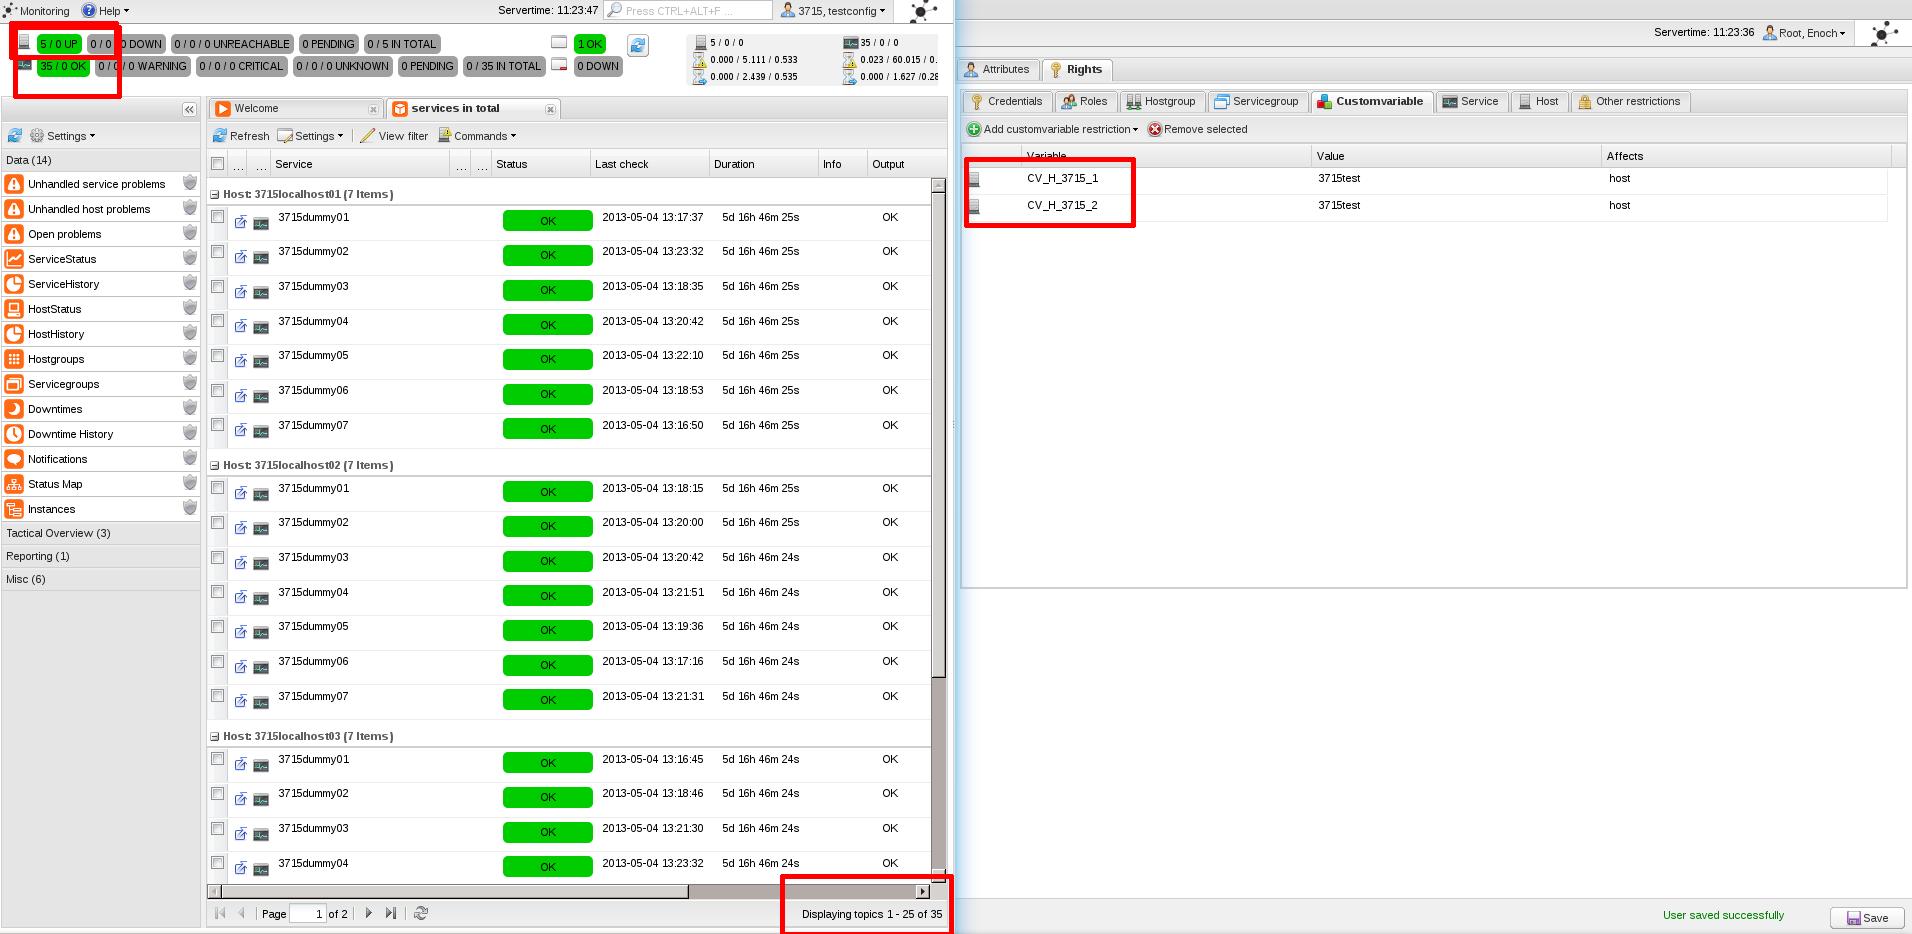 icinga_web_1.9_mysql_permissions_cv_host_overlapping_fixed_01.png